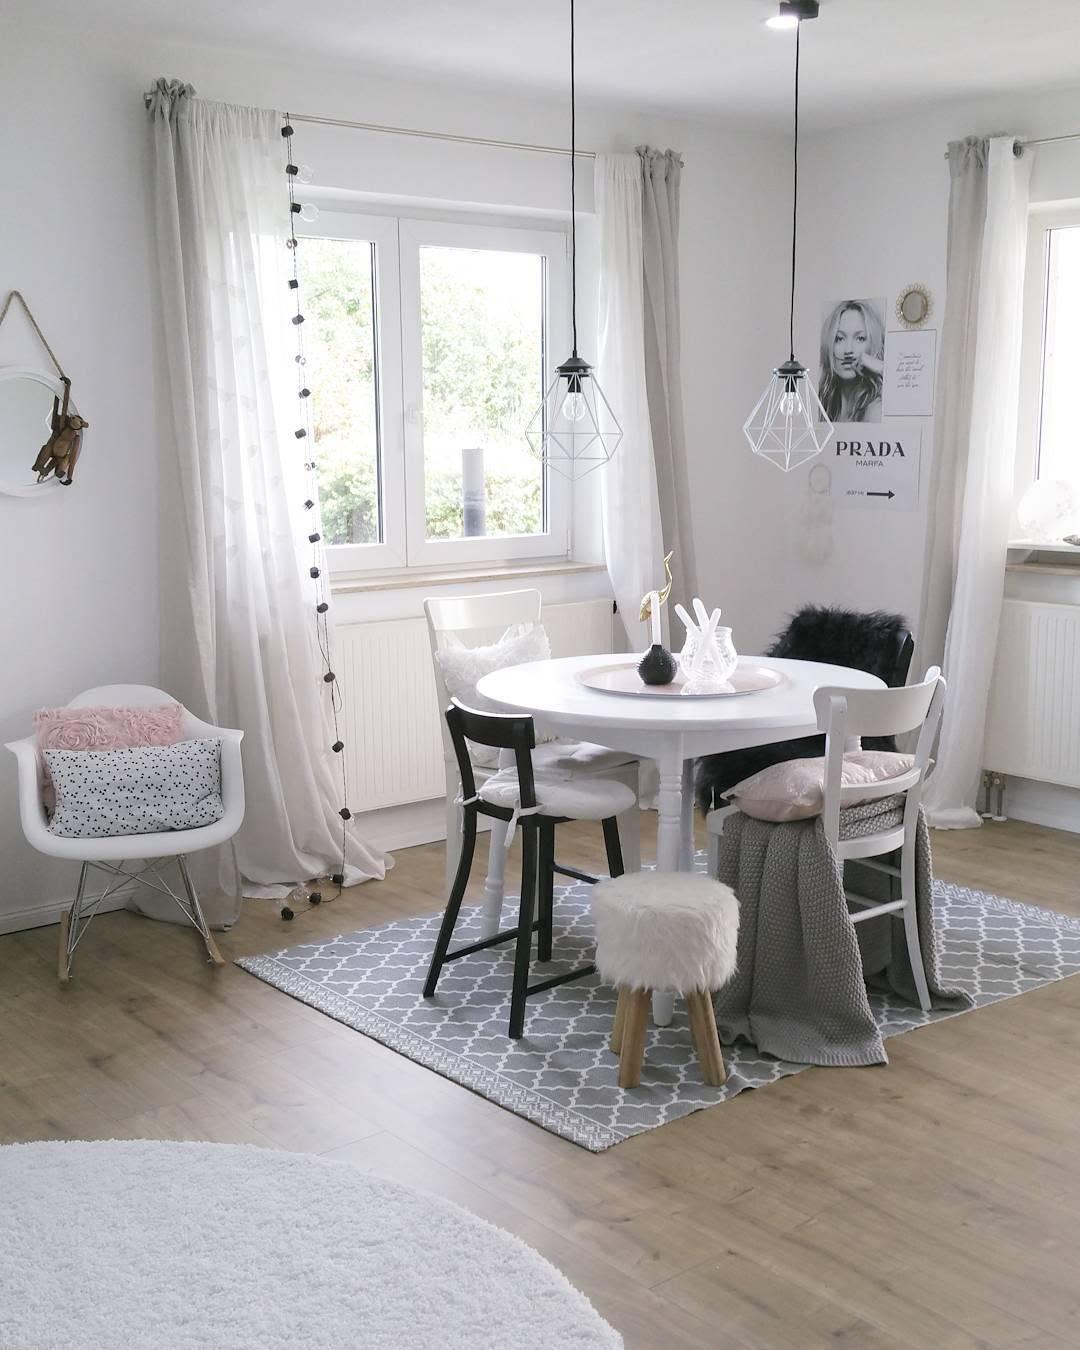 Lampe Für Küchentisch   Retro Schlafzimmer Deko   Haus Ideen